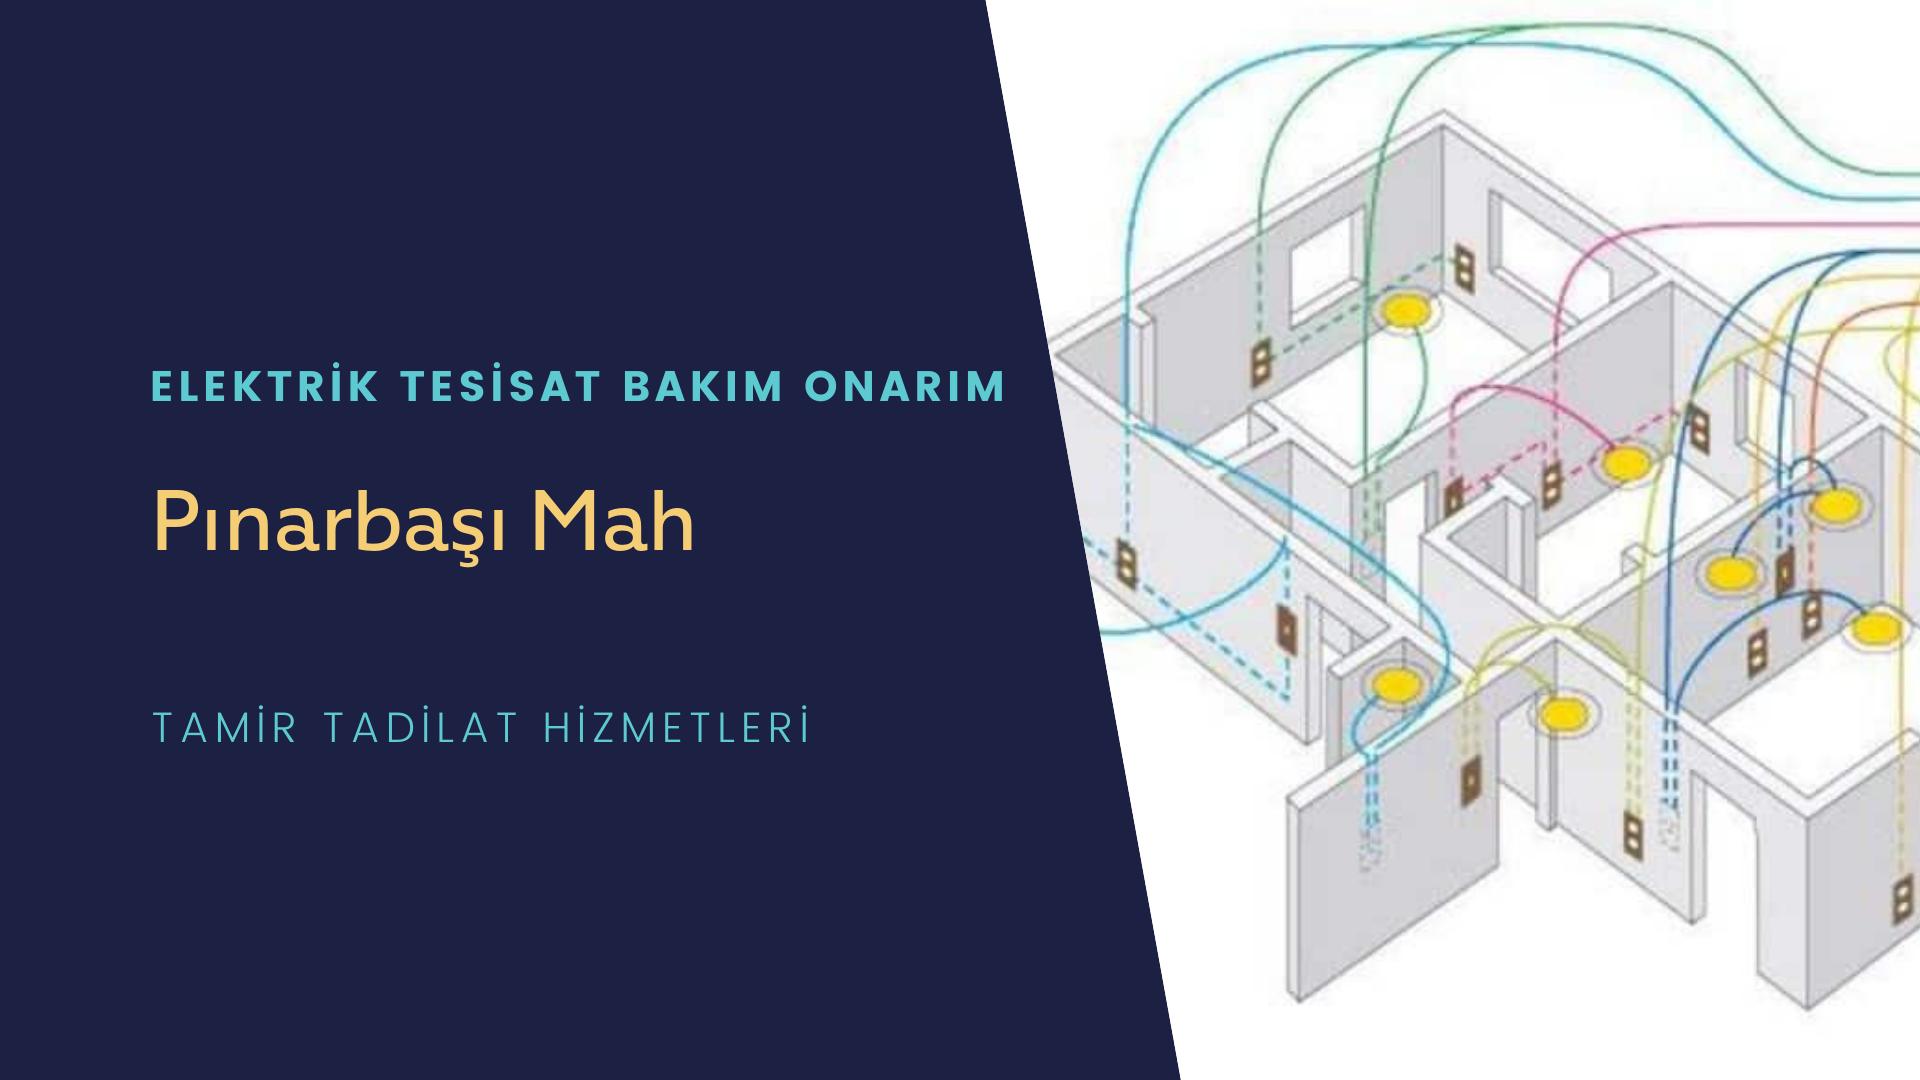 Pınarbaşı Mah  elektrik tesisatıustalarımı arıyorsunuz doğru adrestenizi Pınarbaşı Mah elektrik tesisatı ustalarımız 7/24 sizlere hizmet vermekten mutluluk duyar.